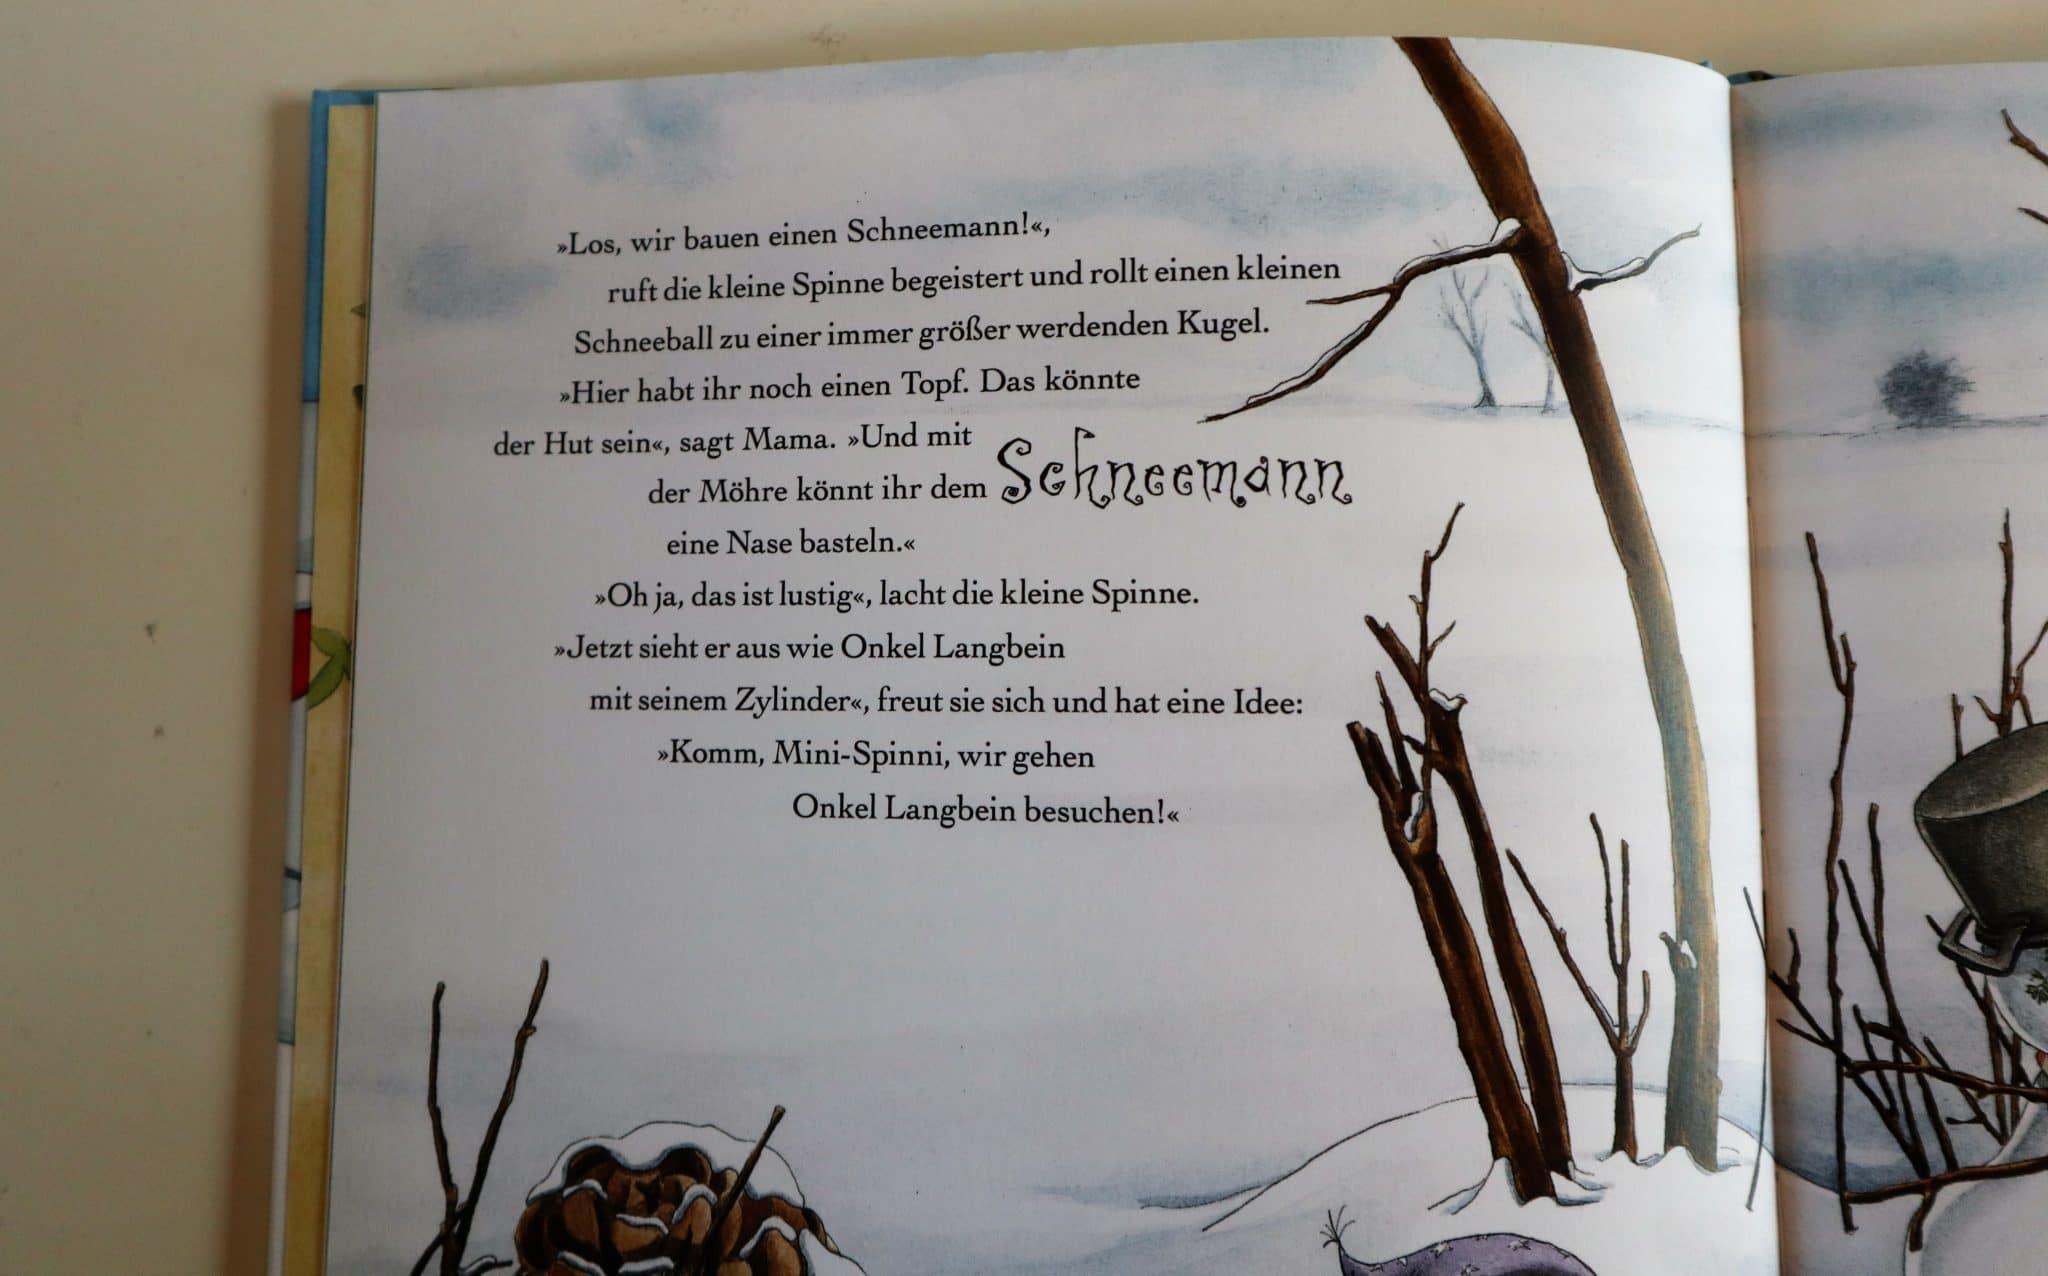 Winterbuecher_BasteiLuebbeVerlag_grossekoepfe